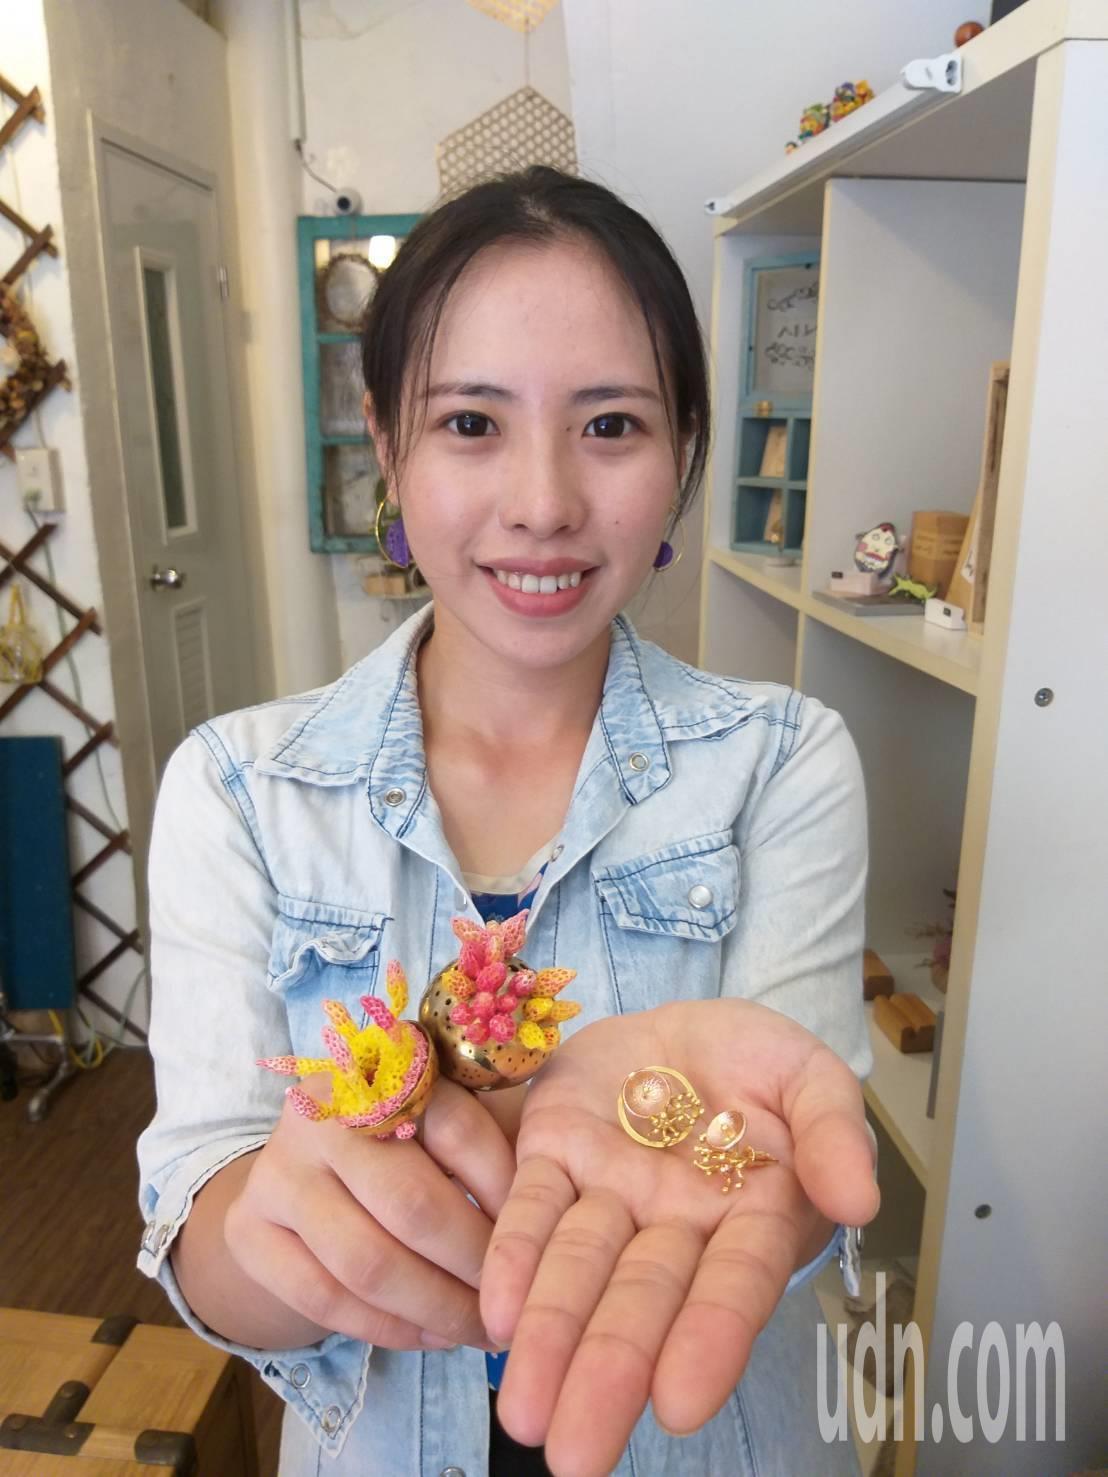 基隆女孩黃玉婷成立「飾不飾獨創設計工作室」,塑料作品讓人驚艷,金工飾品也有一群愛...